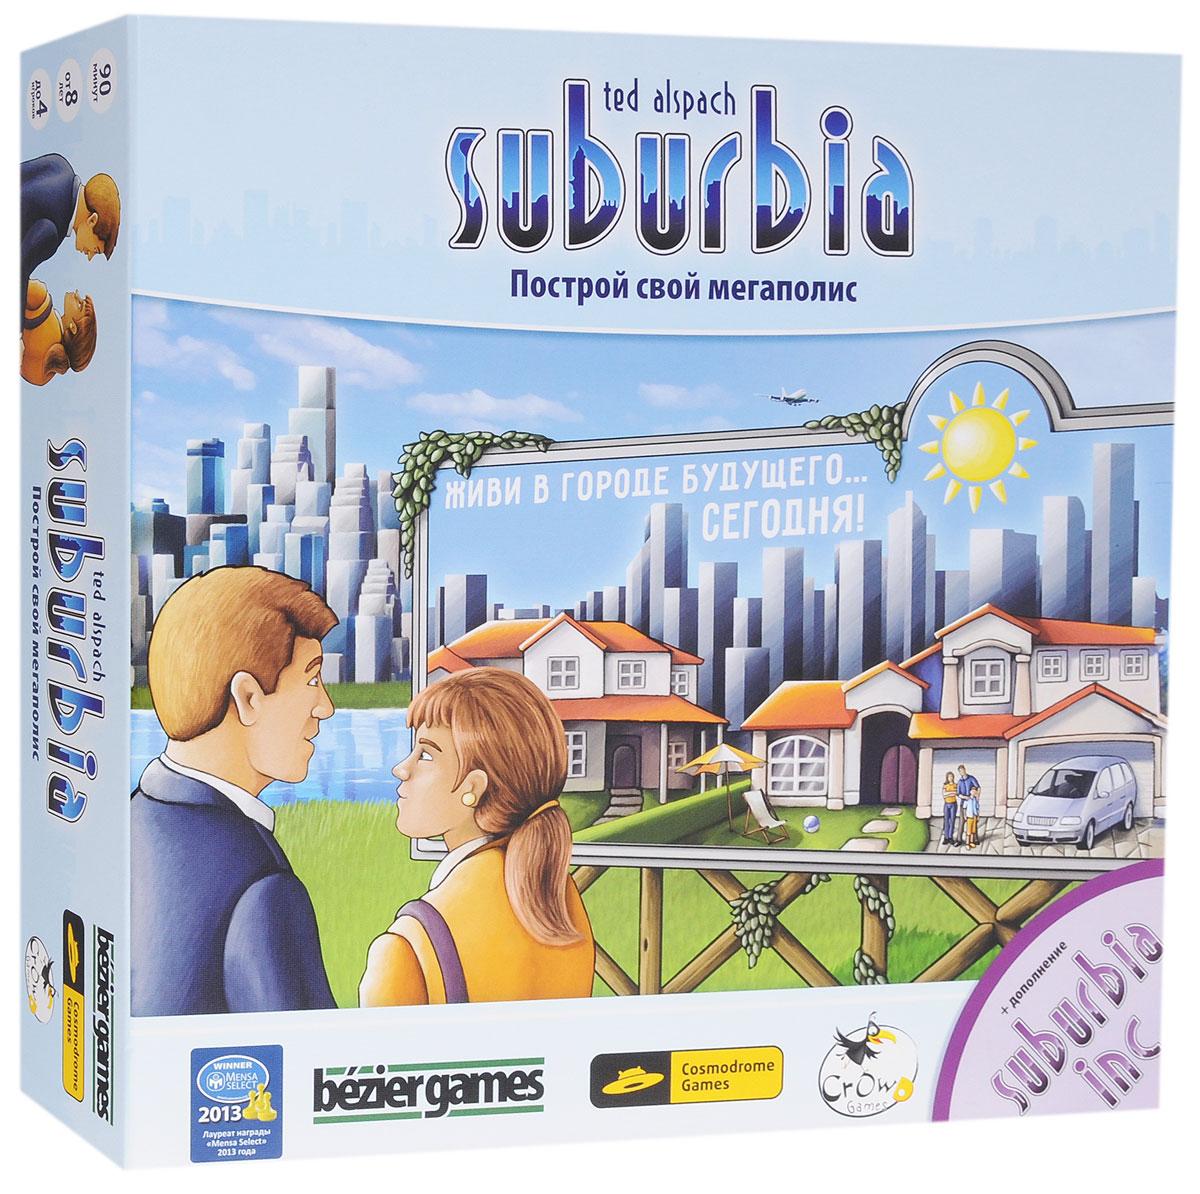 Bezier Games Настольная игра Suburbia Построй свой мегаполис52001Планируйте, застраивайте и развивайте свой маленький округ - однажды он превратится в настоящий мегаполис! Выкладывая на стол шестиугольные жетоны, стройте жилые, коммерческие, общественные и промышленные здания. Некоторые из них не только навсегда изменят облик вашего округа, но и позволят сделать это за счёт соседних округов. Принцип игры Каждый ход участники игры определенным образом выкладывают перед собой жетоны, стараясь создать эффективную экономическую городскую модель, которая одновременно принесет их округам прибыль и привлечет в них новых жителей. По мере роста вашего округа его доход и репутация будут меняться. Благодаря повышению дохода у вас на руках окажутся дополнительные деньги, на которые вы сможете купить более дорогие и полезные здания, такие как международный аэропорт и поднимающийся до самых облаков бизнес-центр. Повышение репутации скажется на увеличении населения, что особенно важно, поскольку в игре побеждает владелец округа с наибольшим...